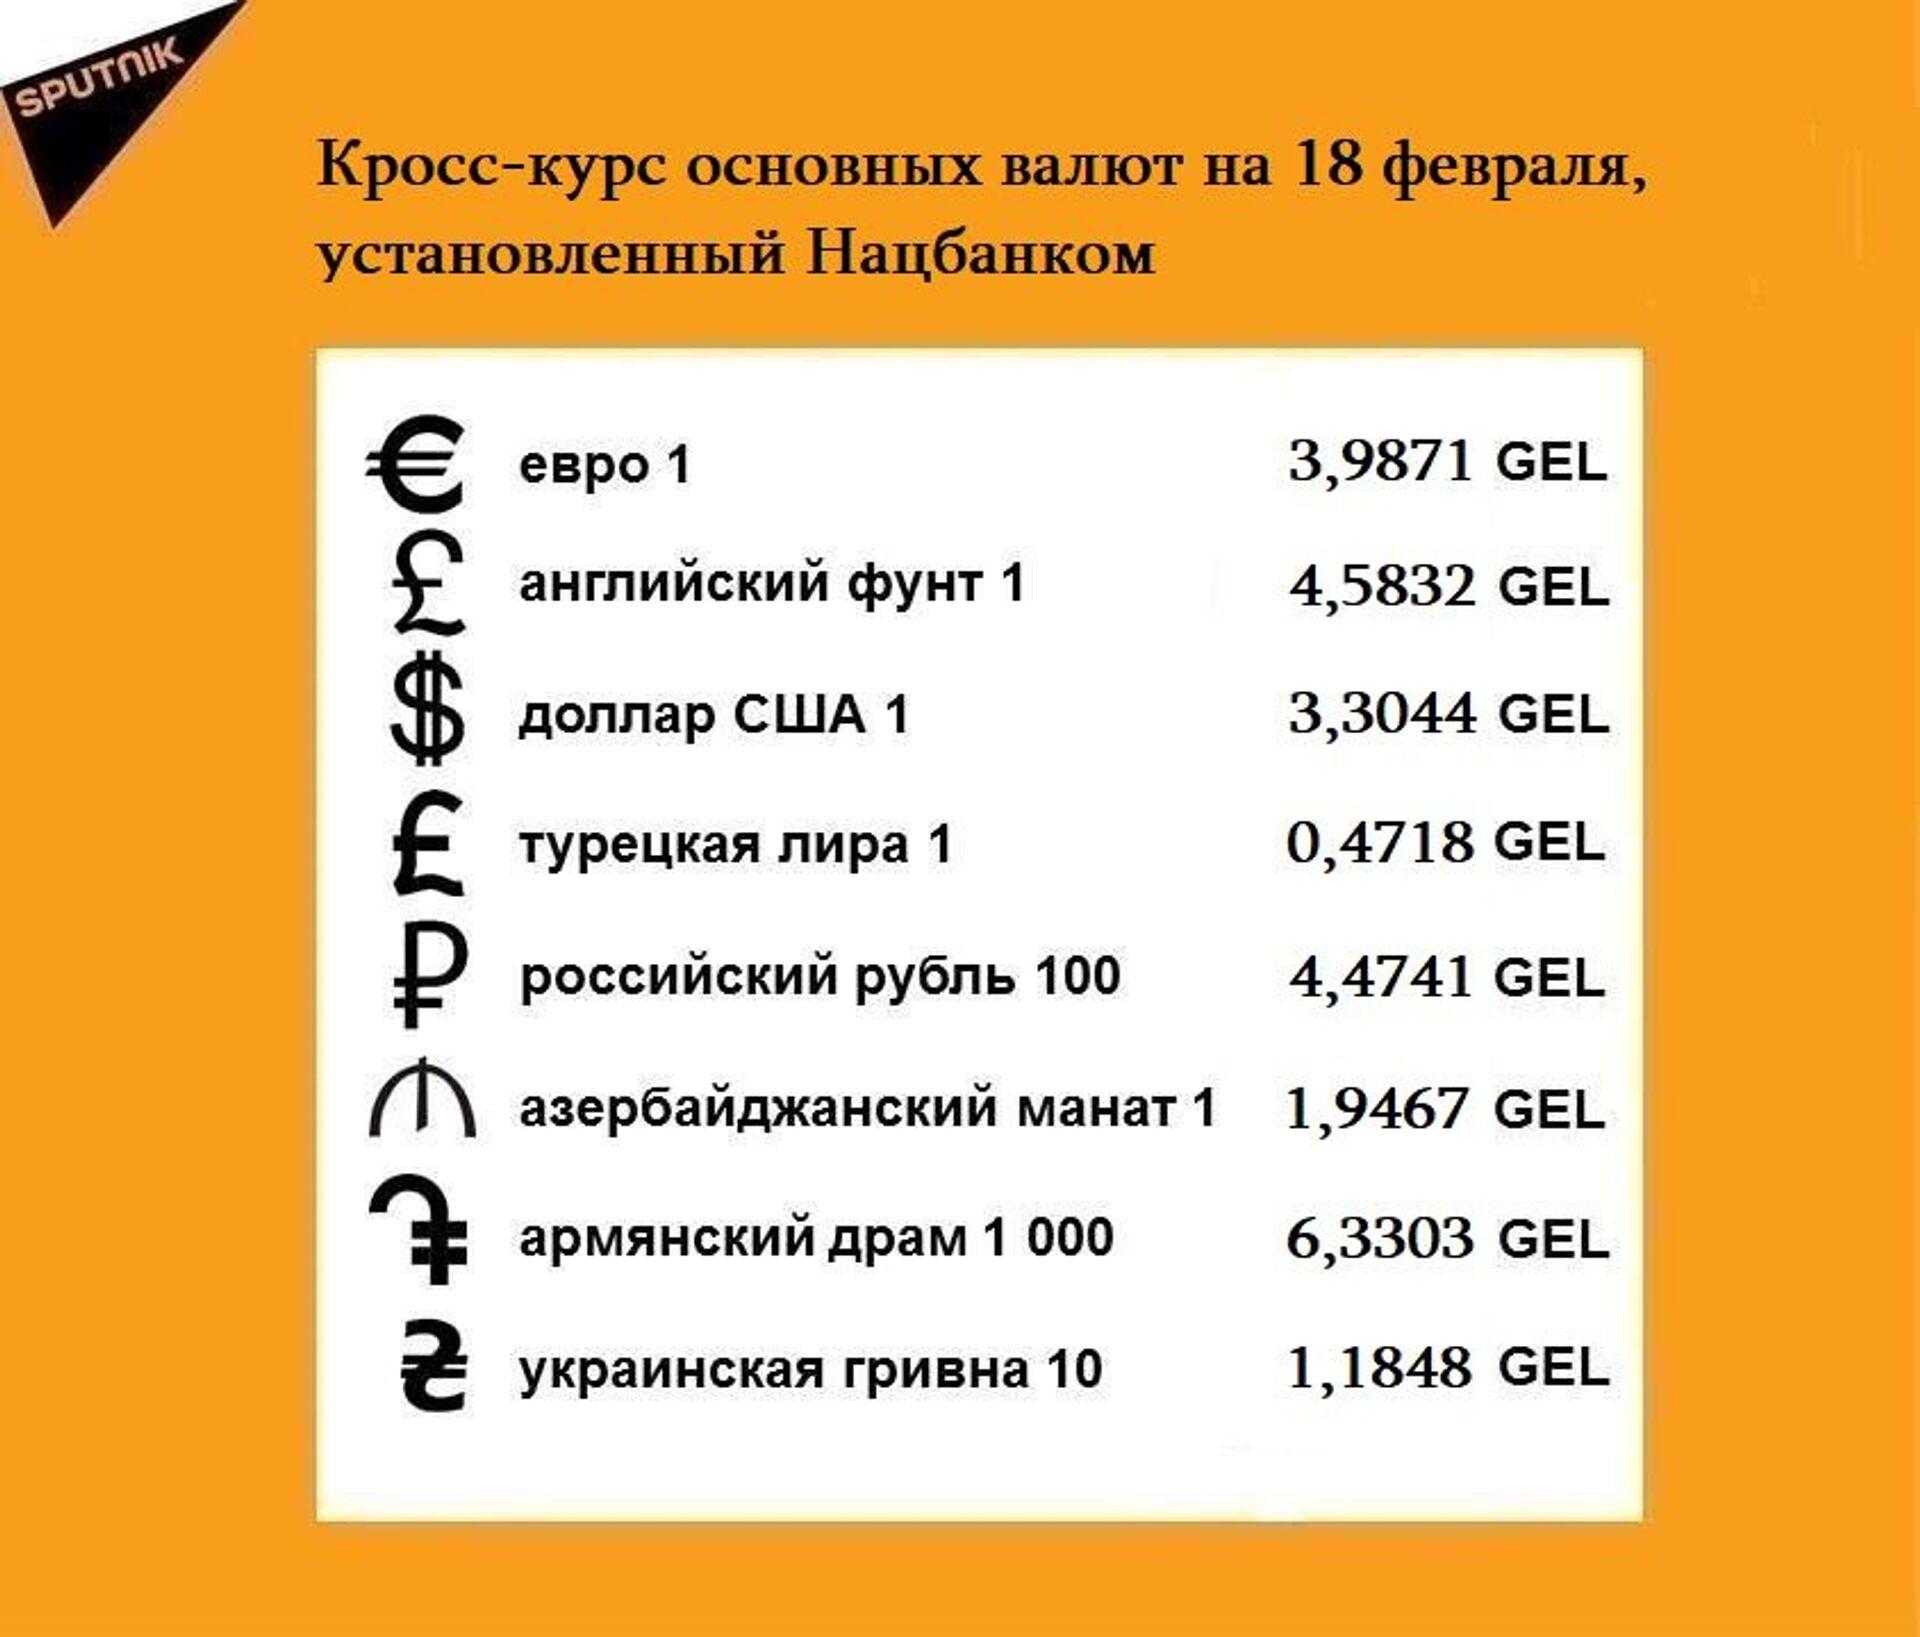 Курс лари на четверг – 3,3044 GEL/$1 - Sputnik Грузия, 1920, 18.02.2021